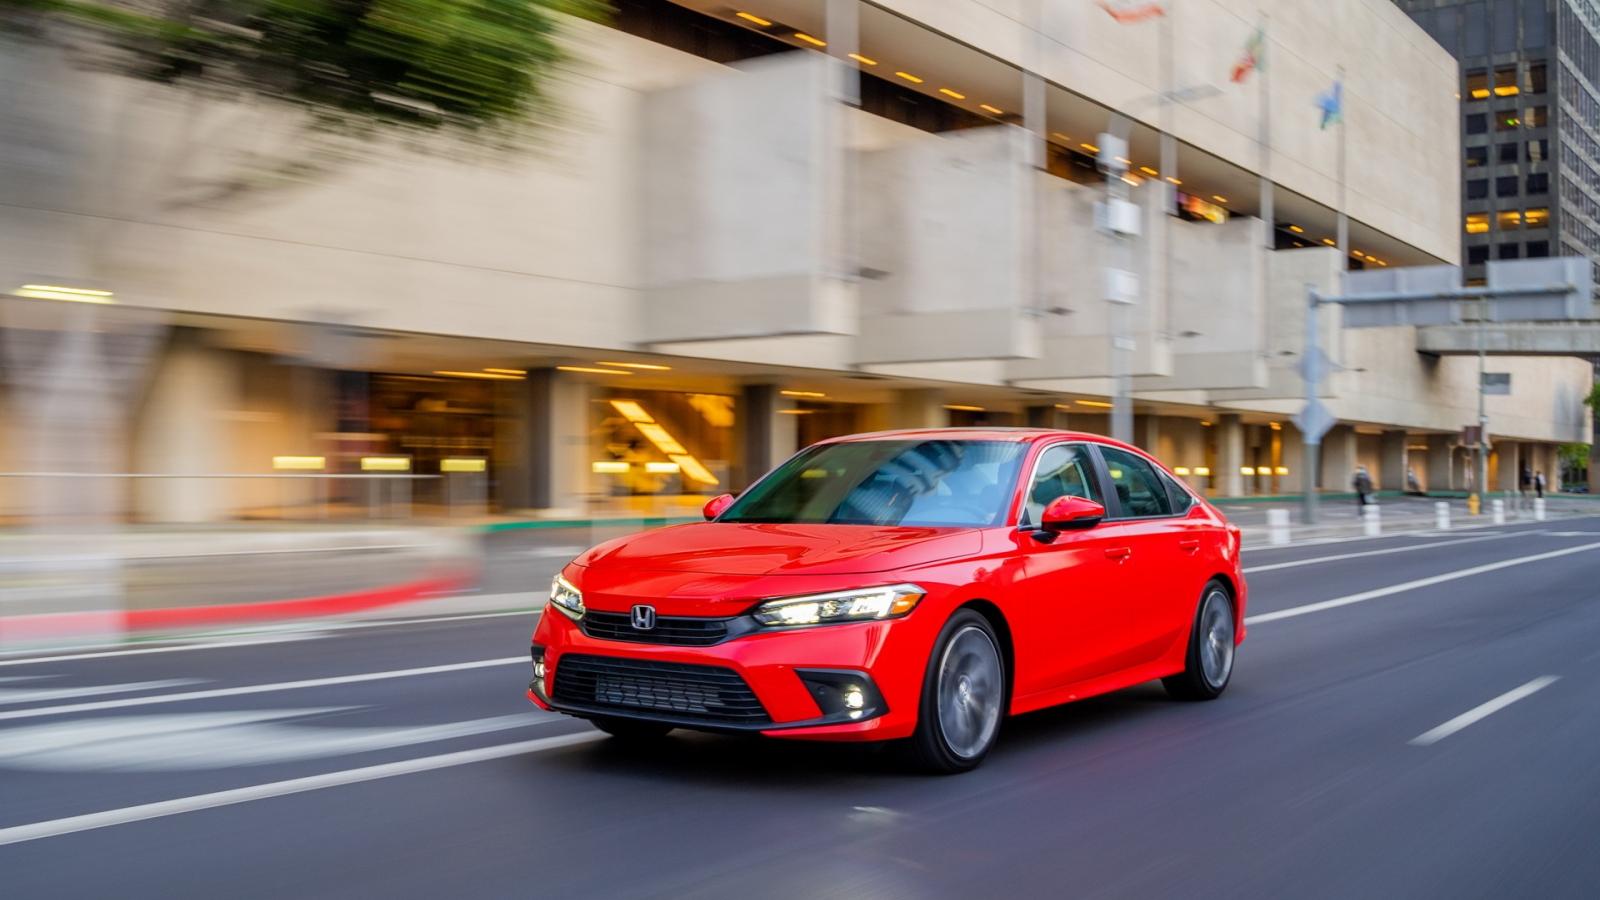 Honda Civic thế hệ mới chốt giá từ 521 triệu đồng tại Mỹ